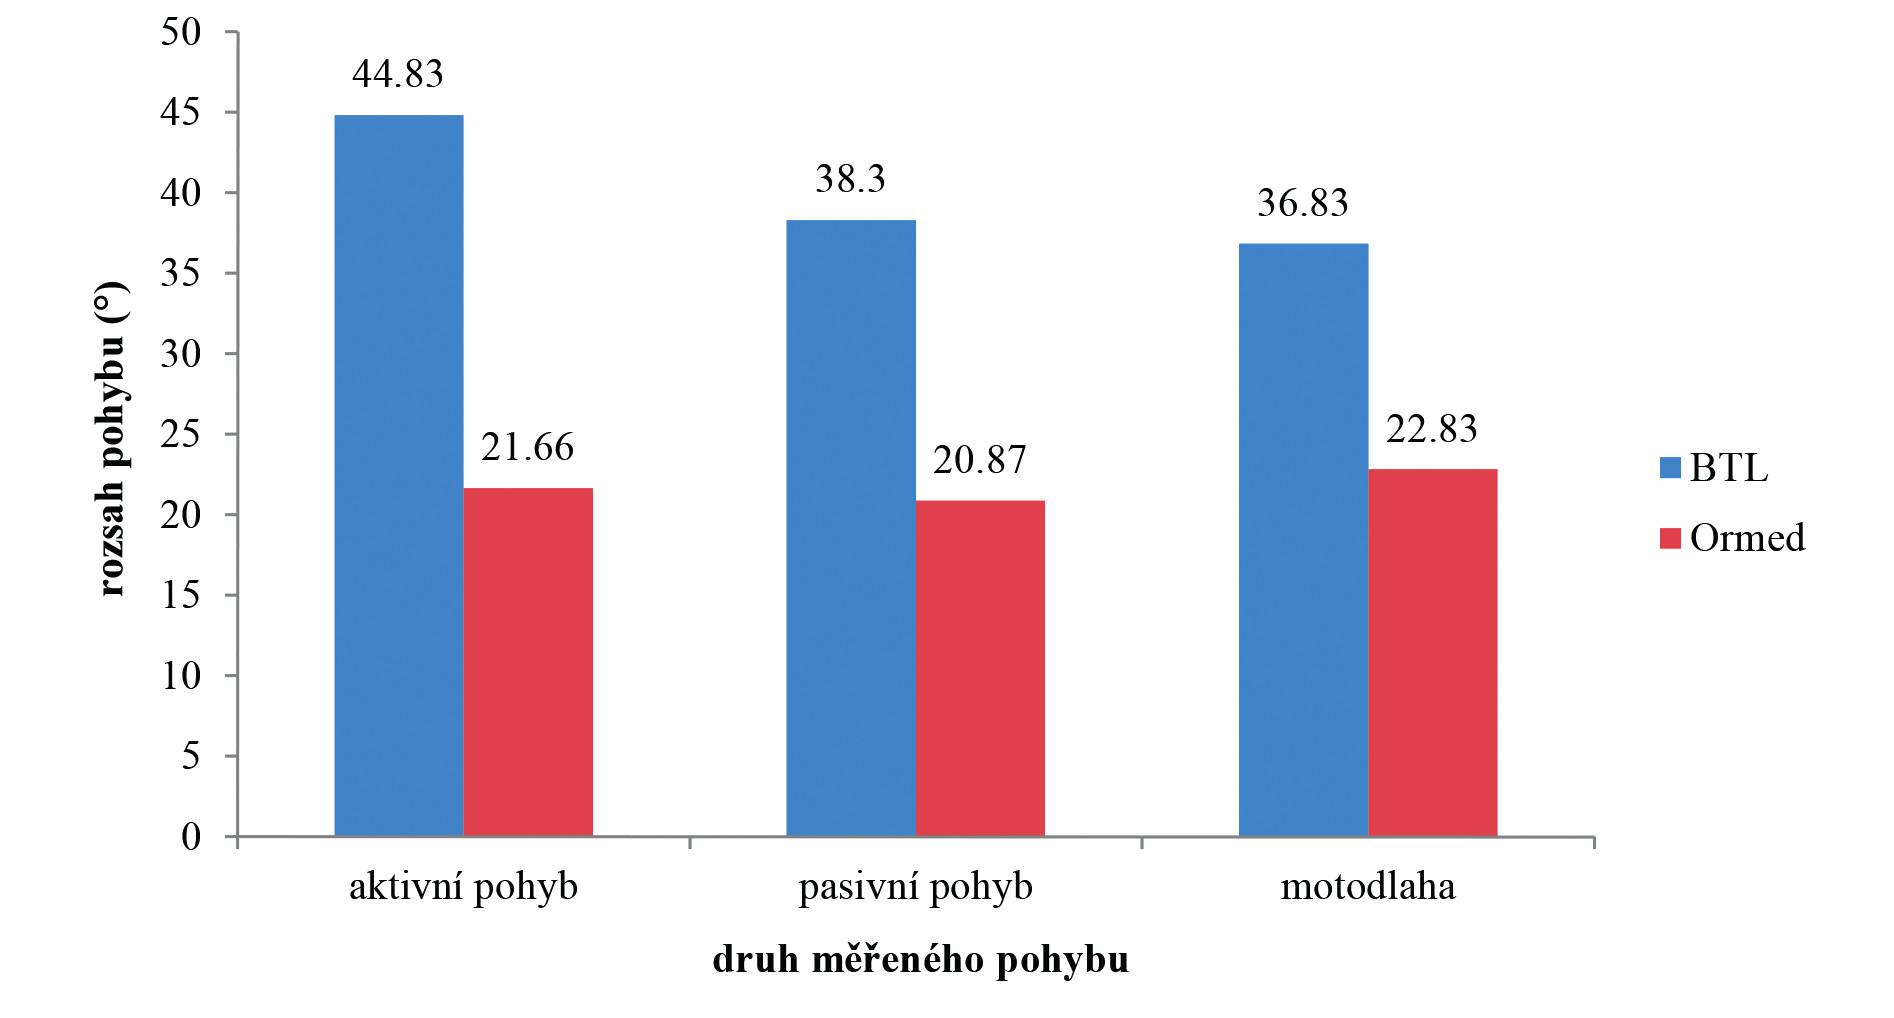 Variační rozpětí zvýšení rozsahu pohybu do flexe (°) v kolenním kloubu od první po poslední terapii. Na ose x jednotlivé druhy měřených pohybů, na ose y rozsah pohybu (°). Nad jednotlivými sloupci jsou průměrné hodnoty aktivního, pasivního rozsahu pohybu a průměrné hodnoty nastavované na motodlaze.